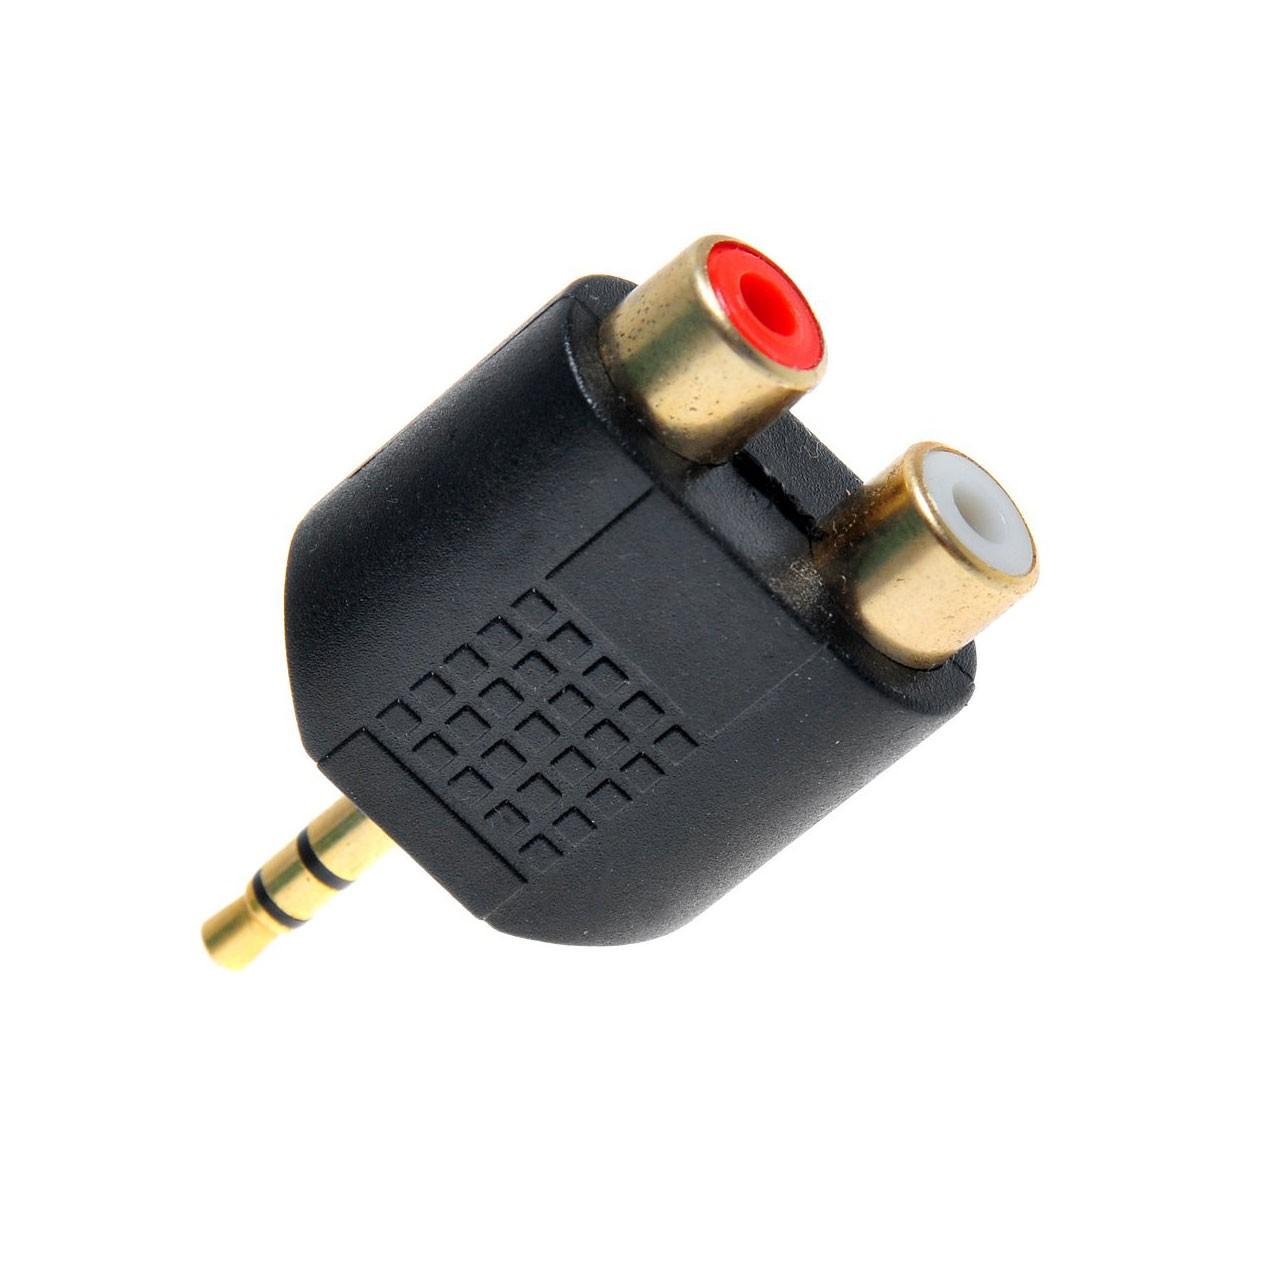 تبدیل 2 تا مادگی RCA به جک 3.5 میلی متری صدا